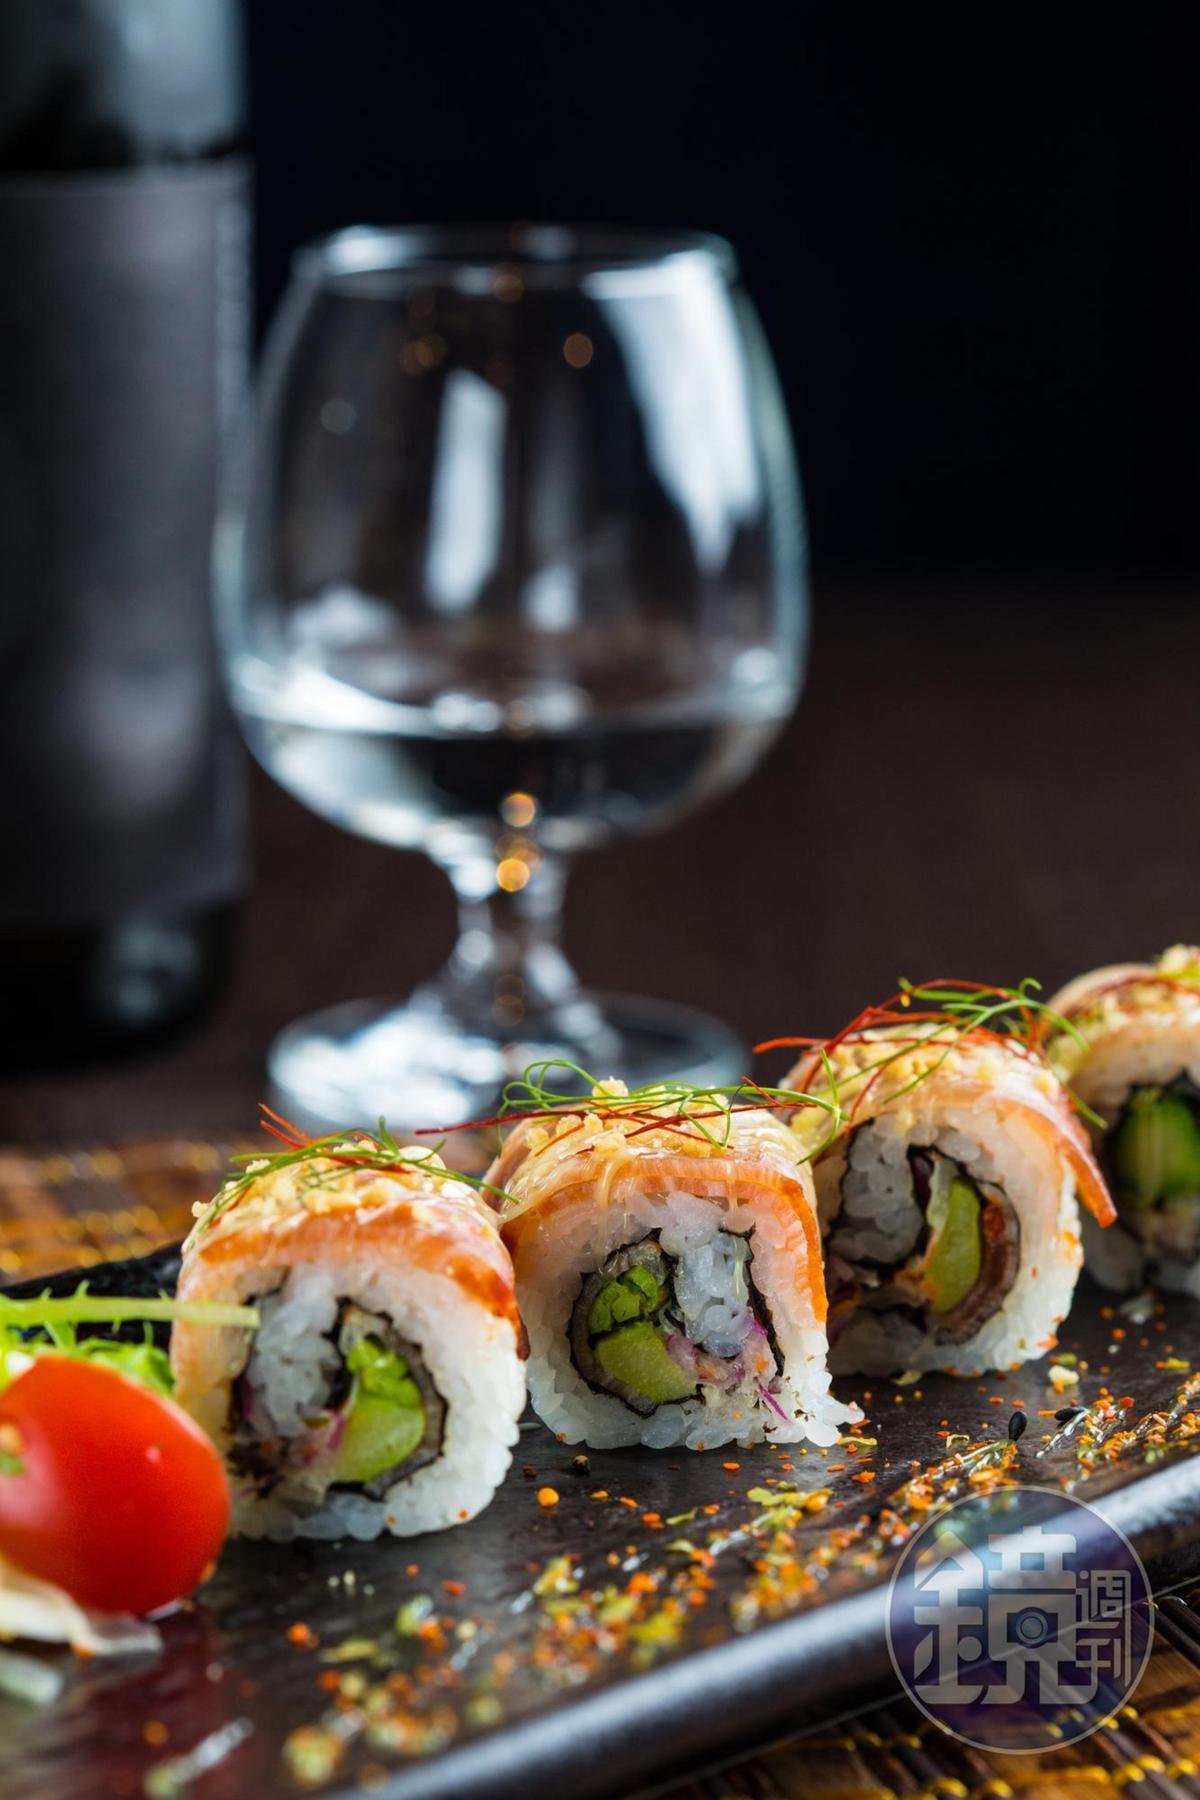 「伊比利火腿壽司卷」用脆口的酥炸粉點綴濃滑的生火腿和清爽蘆筍,口感有趣。(280元/份)